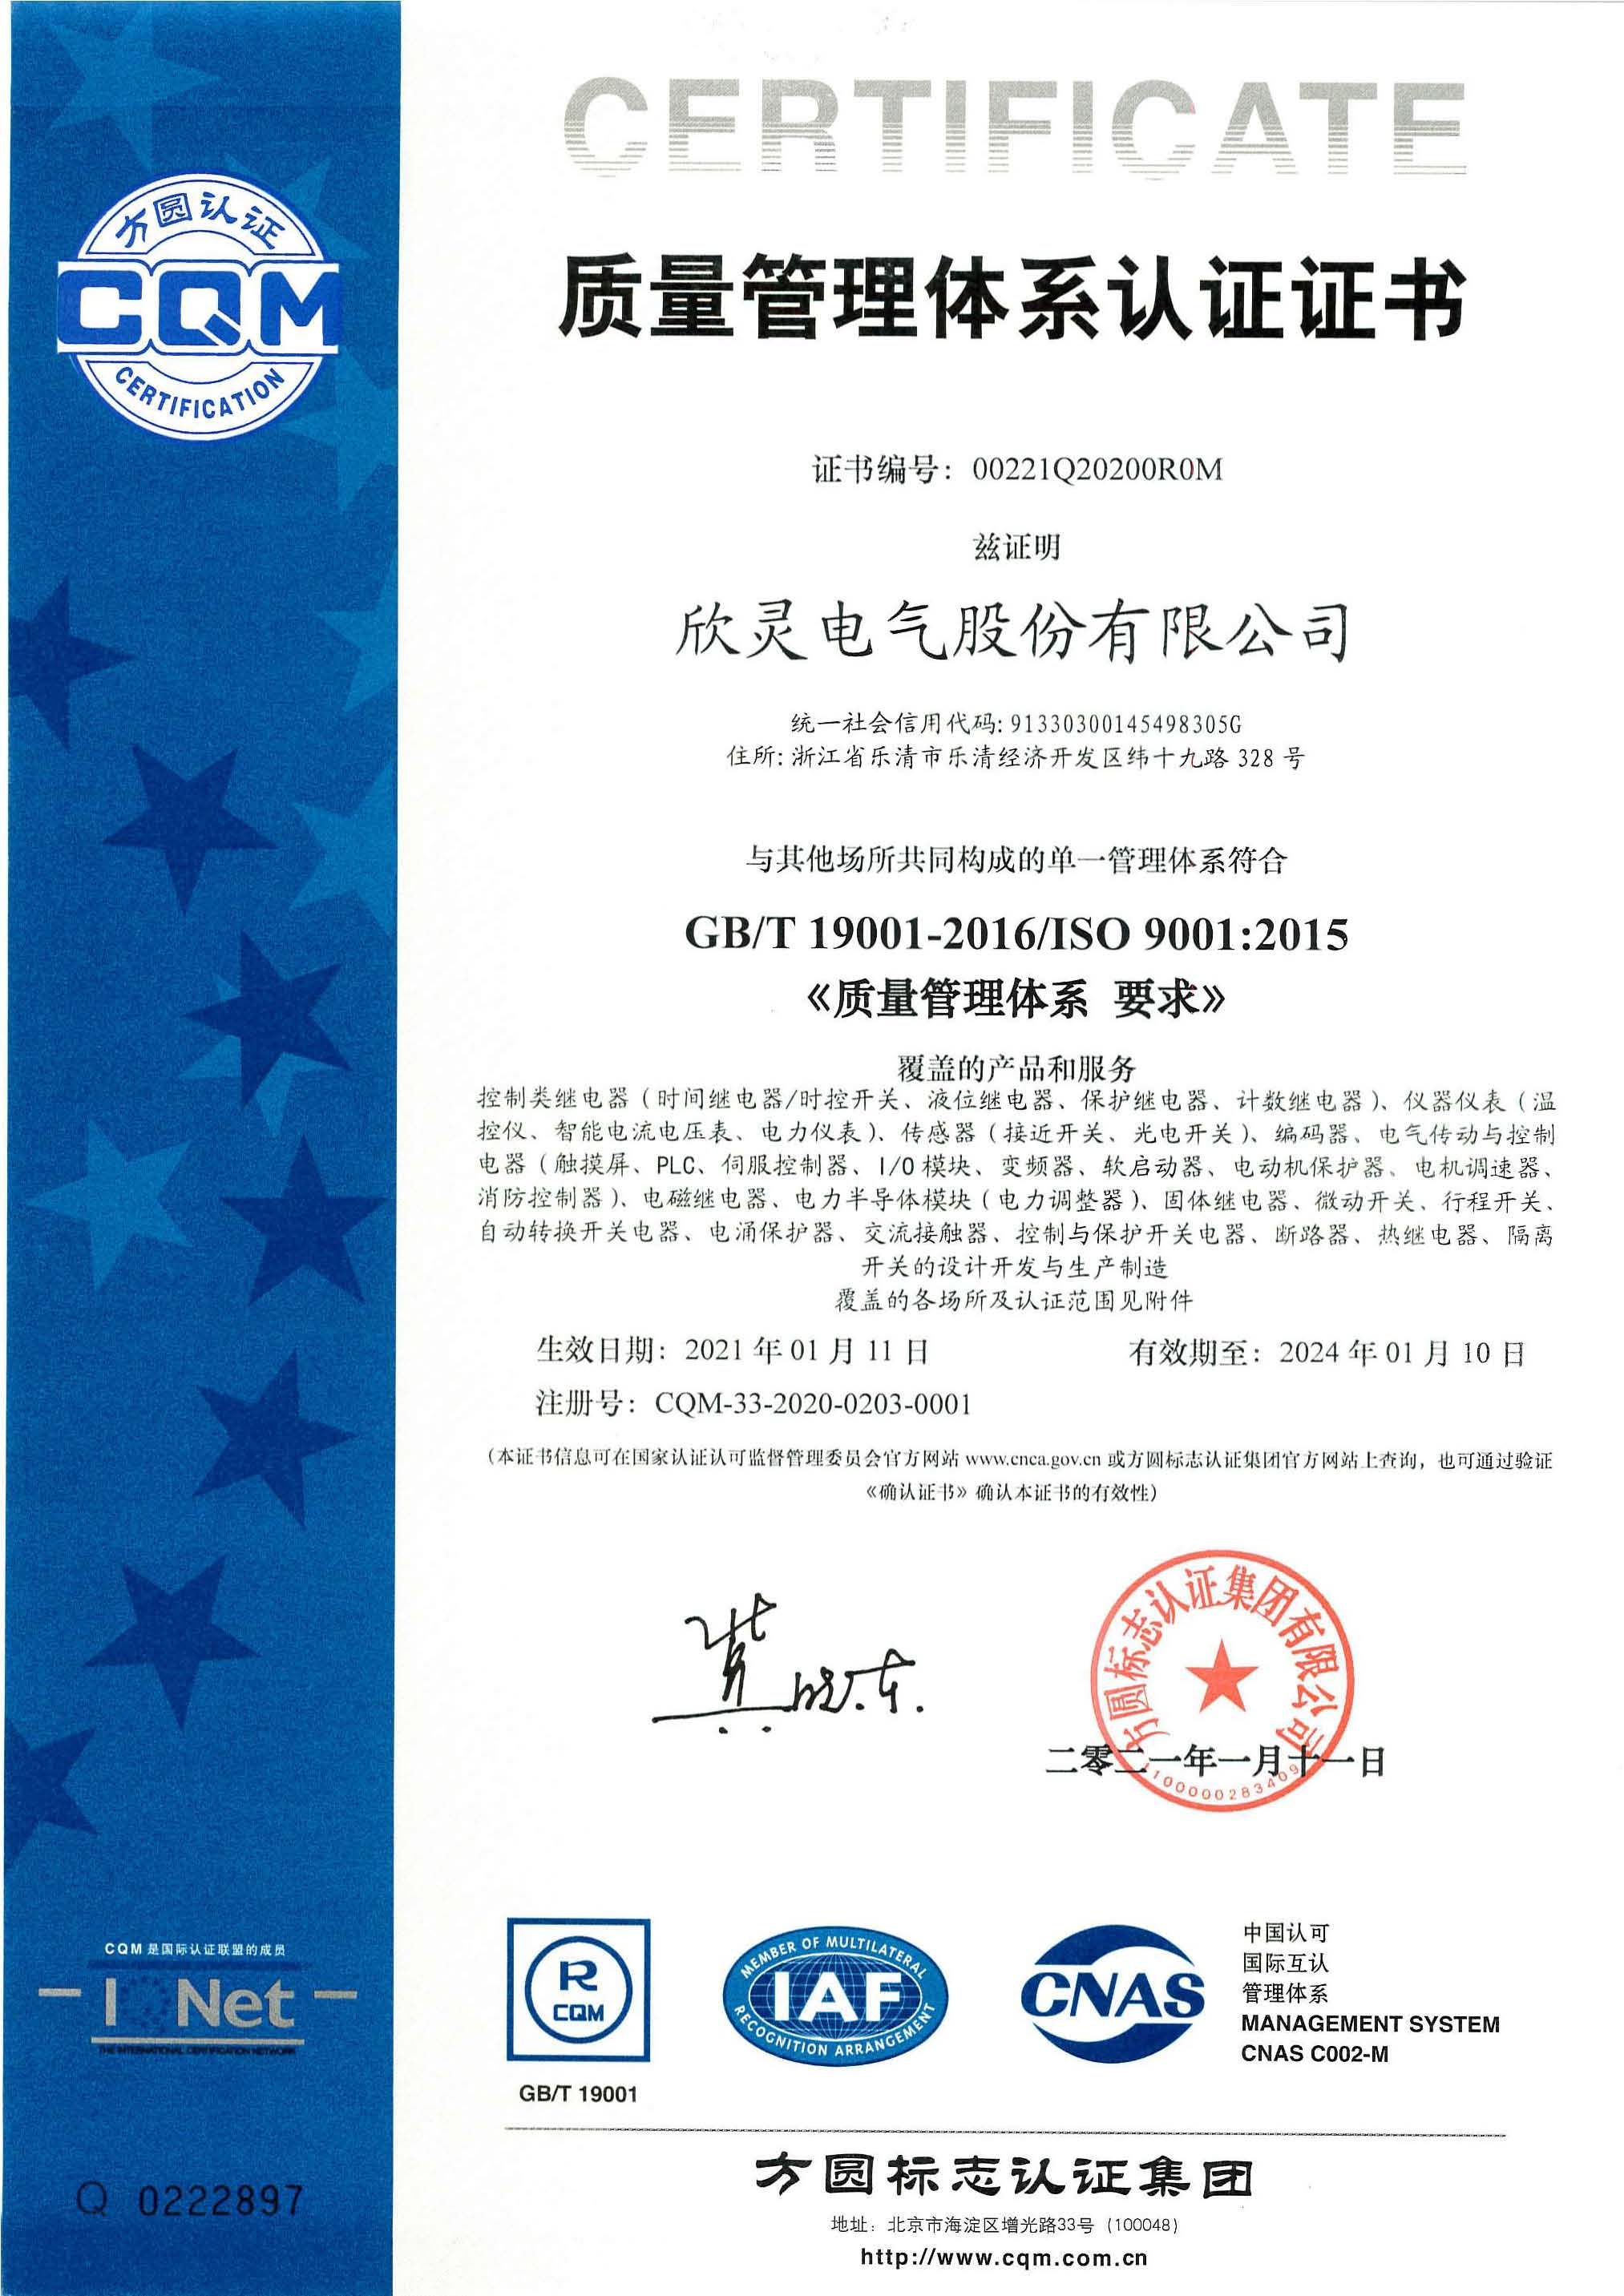 质量管理体系认证证书_欣灵